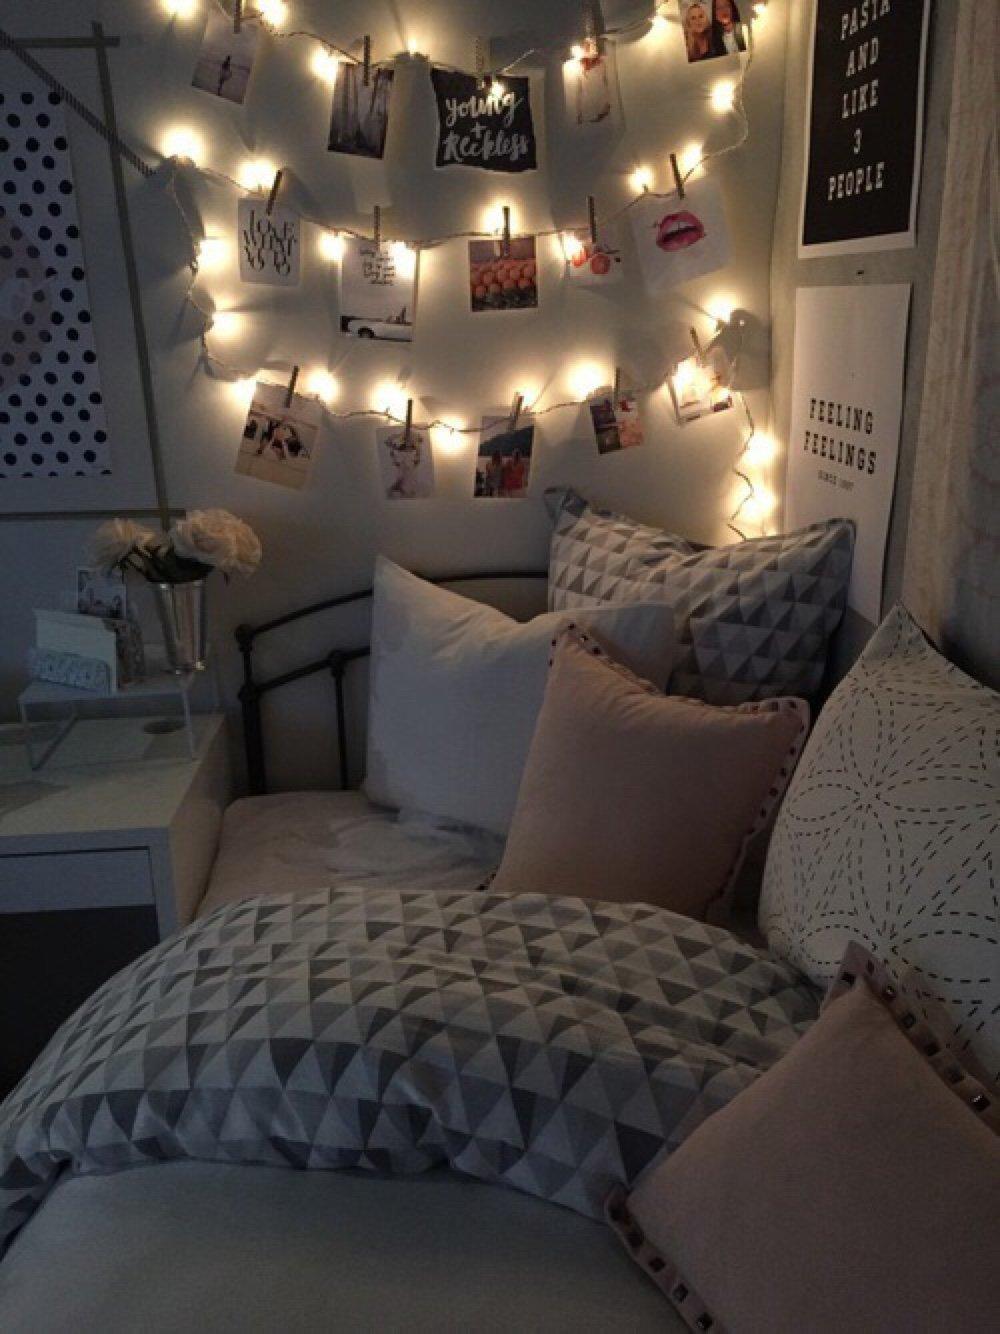 Cool Dorm Room Decorations